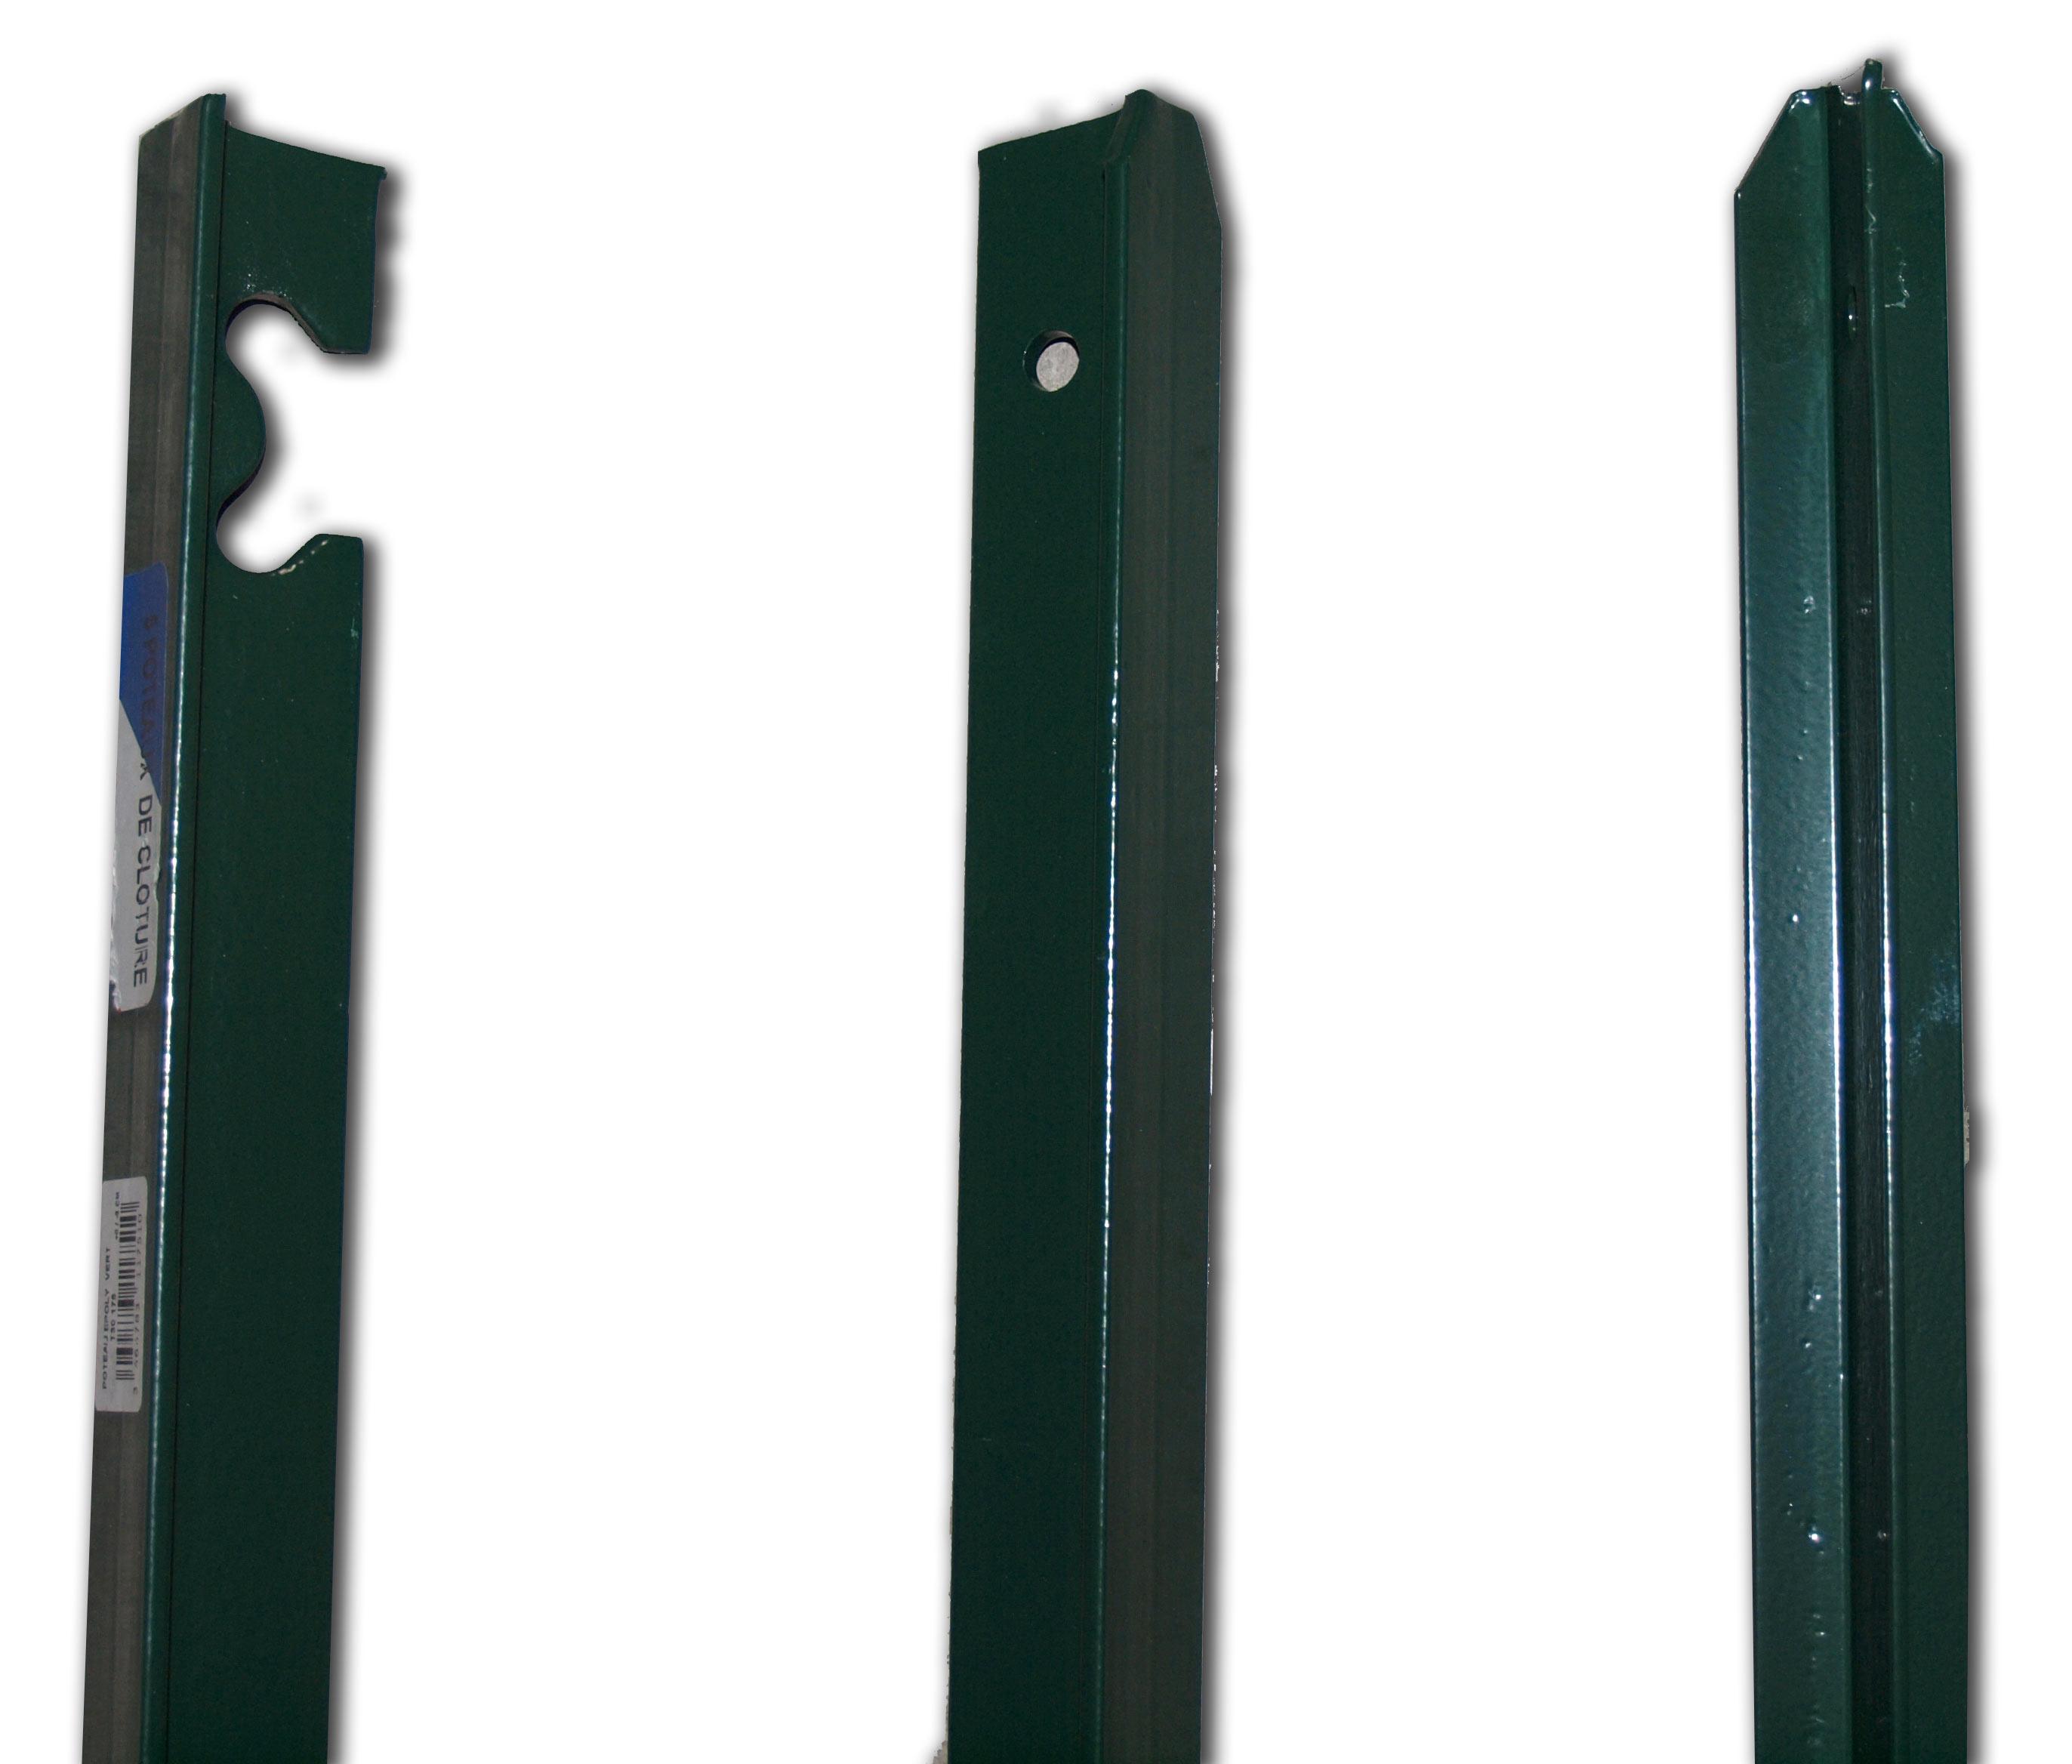 Poteaux t section 25 et 40 rev tement plastifi vert atout clotures b to - Poteaux en t pour grillage ...